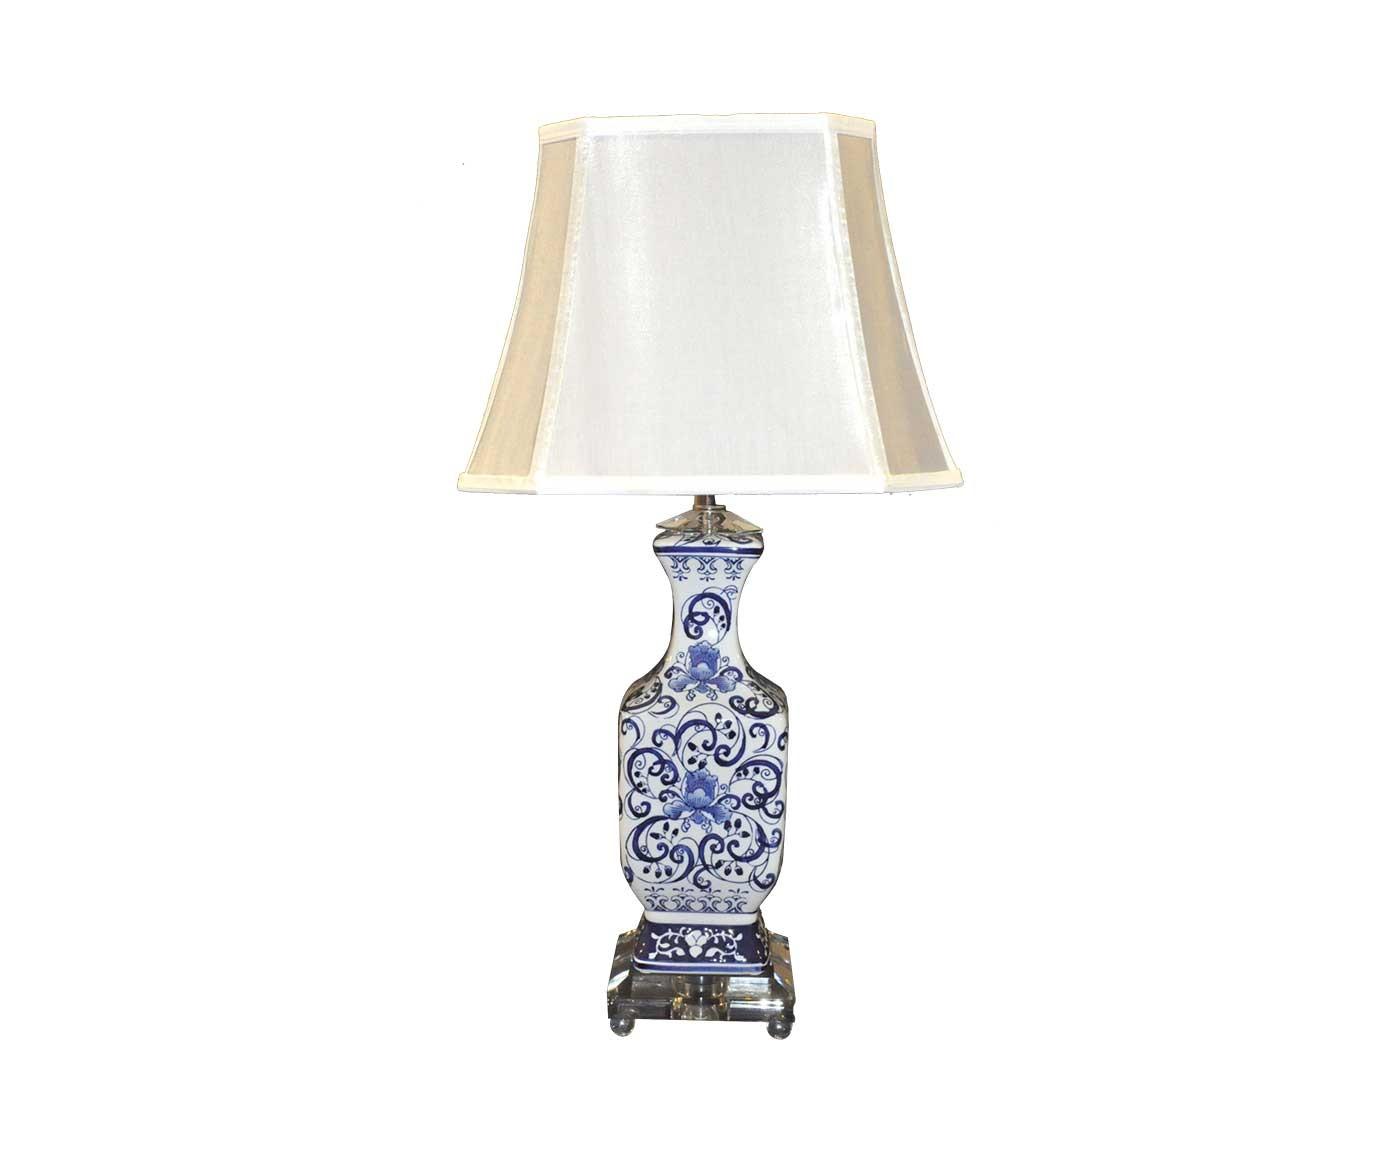 lampe porcelaine bleue de style chinoise demeure et jardin. Black Bedroom Furniture Sets. Home Design Ideas